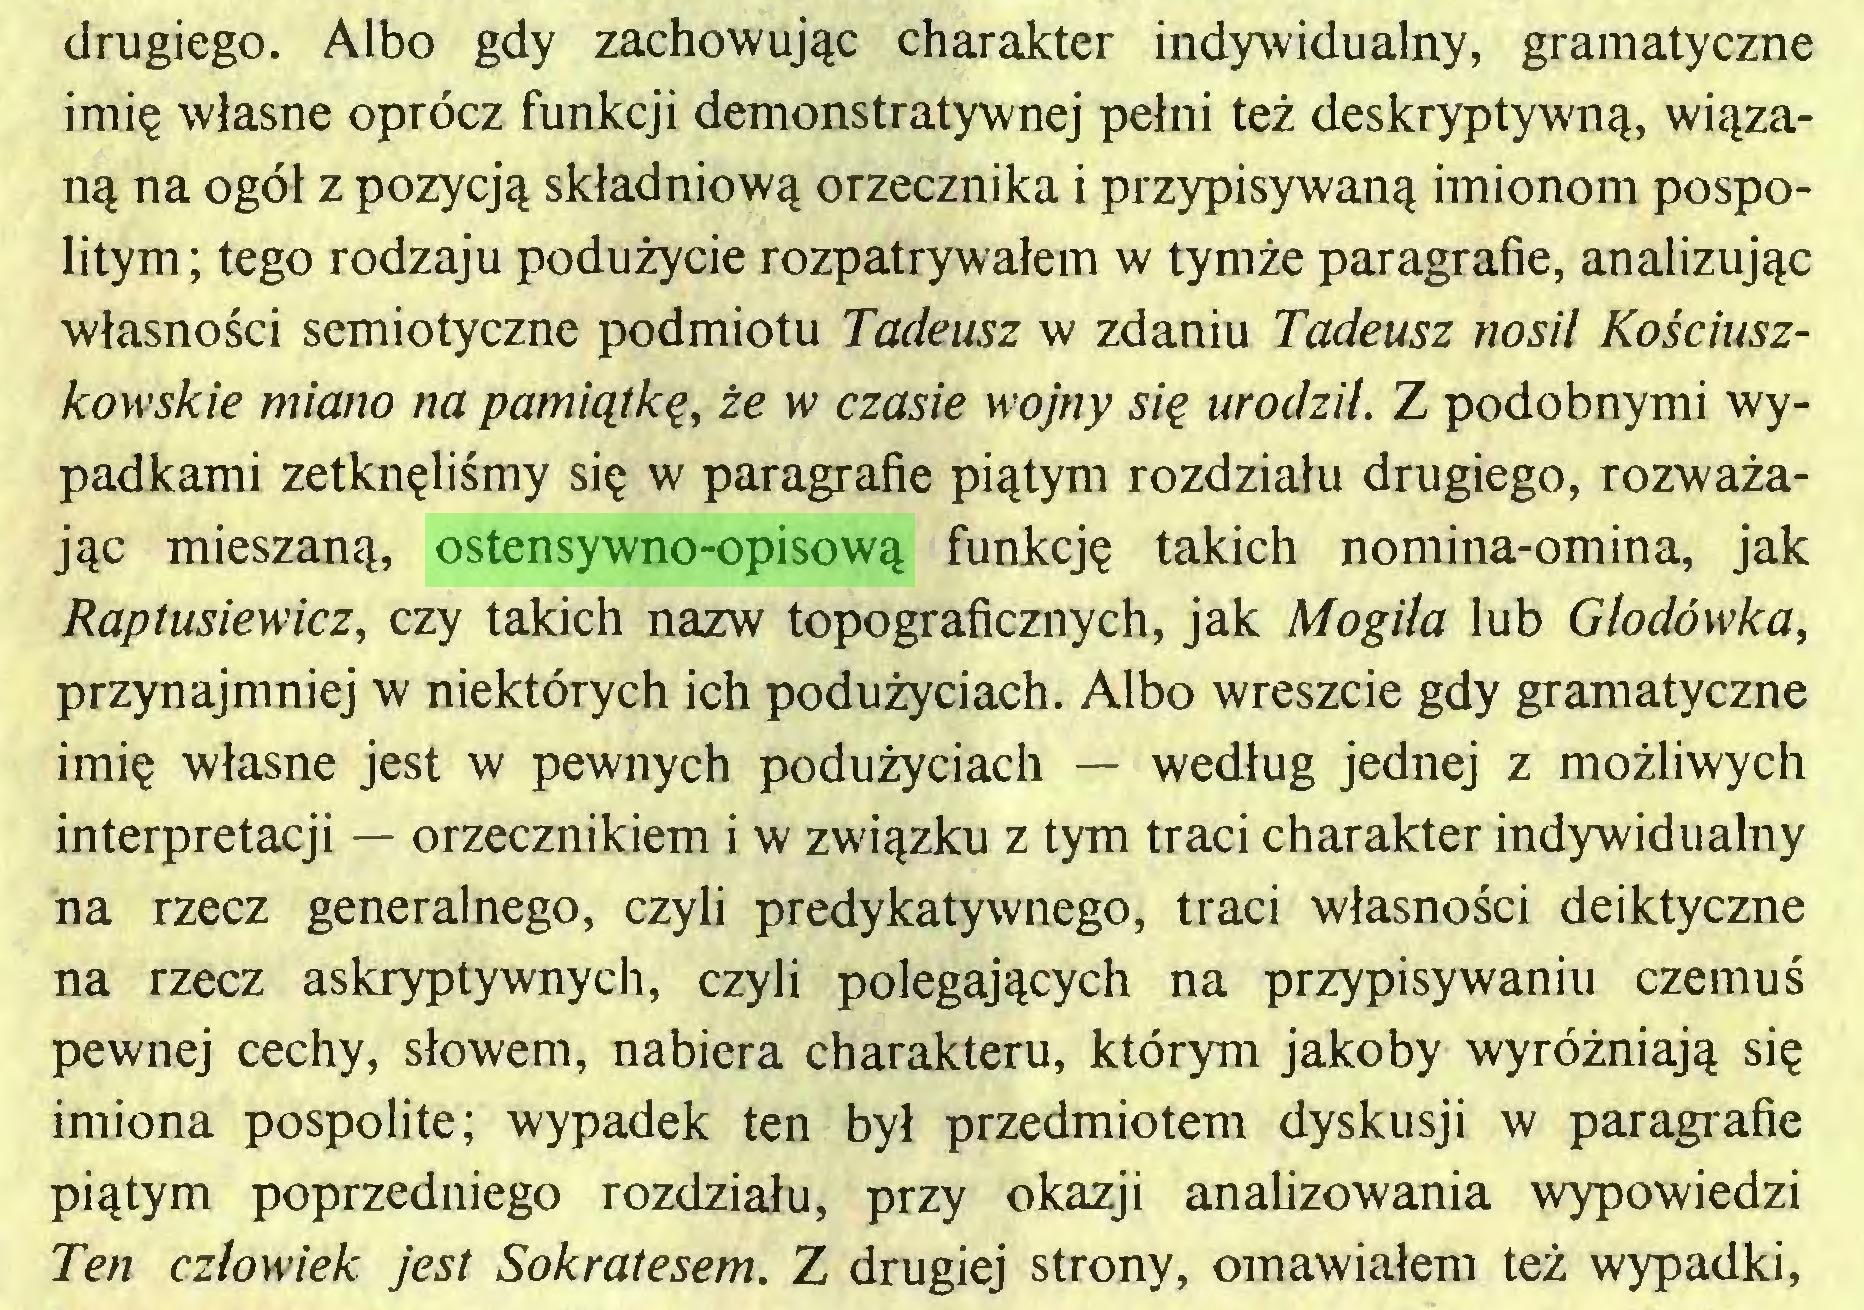 (...) drugiego. Albo gdy zachowując charakter indywidualny, gramatyczne imię własne oprócz funkcji demonstratywnej pełni też deskryptywną, wiązaną na ogół z pozycją składniową orzecznika i przypisywaną imionom pospolitym; tego rodzaju podużycie rozpatrywałem w tymże paragrafie, analizując własności semiotyczne podmiotu Tadeusz w zdaniu Tadeusz nosił Kościuszkowskie miano na pamiątkę, że w czasie wojny się urodził. Z podobnymi wypadkami zetknęliśmy się w paragrafie piątym rozdziału drugiego, rozważając mieszaną, ostensywno-opisową funkcję takich nomina-omina, jak Raptusiewicz, czy takich nazw topograficznych, jak Mogiła lub Głodówka, przynajmniej w niektórych ich podużyciach. Albo wreszcie gdy gramatyczne imię własne jest w pewnych podużyciach — według jednej z możliwych interpretacji — orzecznikiem i w związku z tym traci charakter indywidualny na rzecz generalnego, czyli predykatywnego, traci własności deiktyczne na rzecz askryptywnych, czyli polegających na przypisywaniu czemuś pewnej cechy, słowem, nabiera charakteru, którym jakoby wyróżniają się imiona pospolite; wypadek ten był przedmiotem dyskusji w paragrafie piątym poprzedniego rozdziału, przy okazji analizowania wypowiedzi Ten człowiek jest Sokratesem. Z drugiej strony, omawiałem też wypadki,...